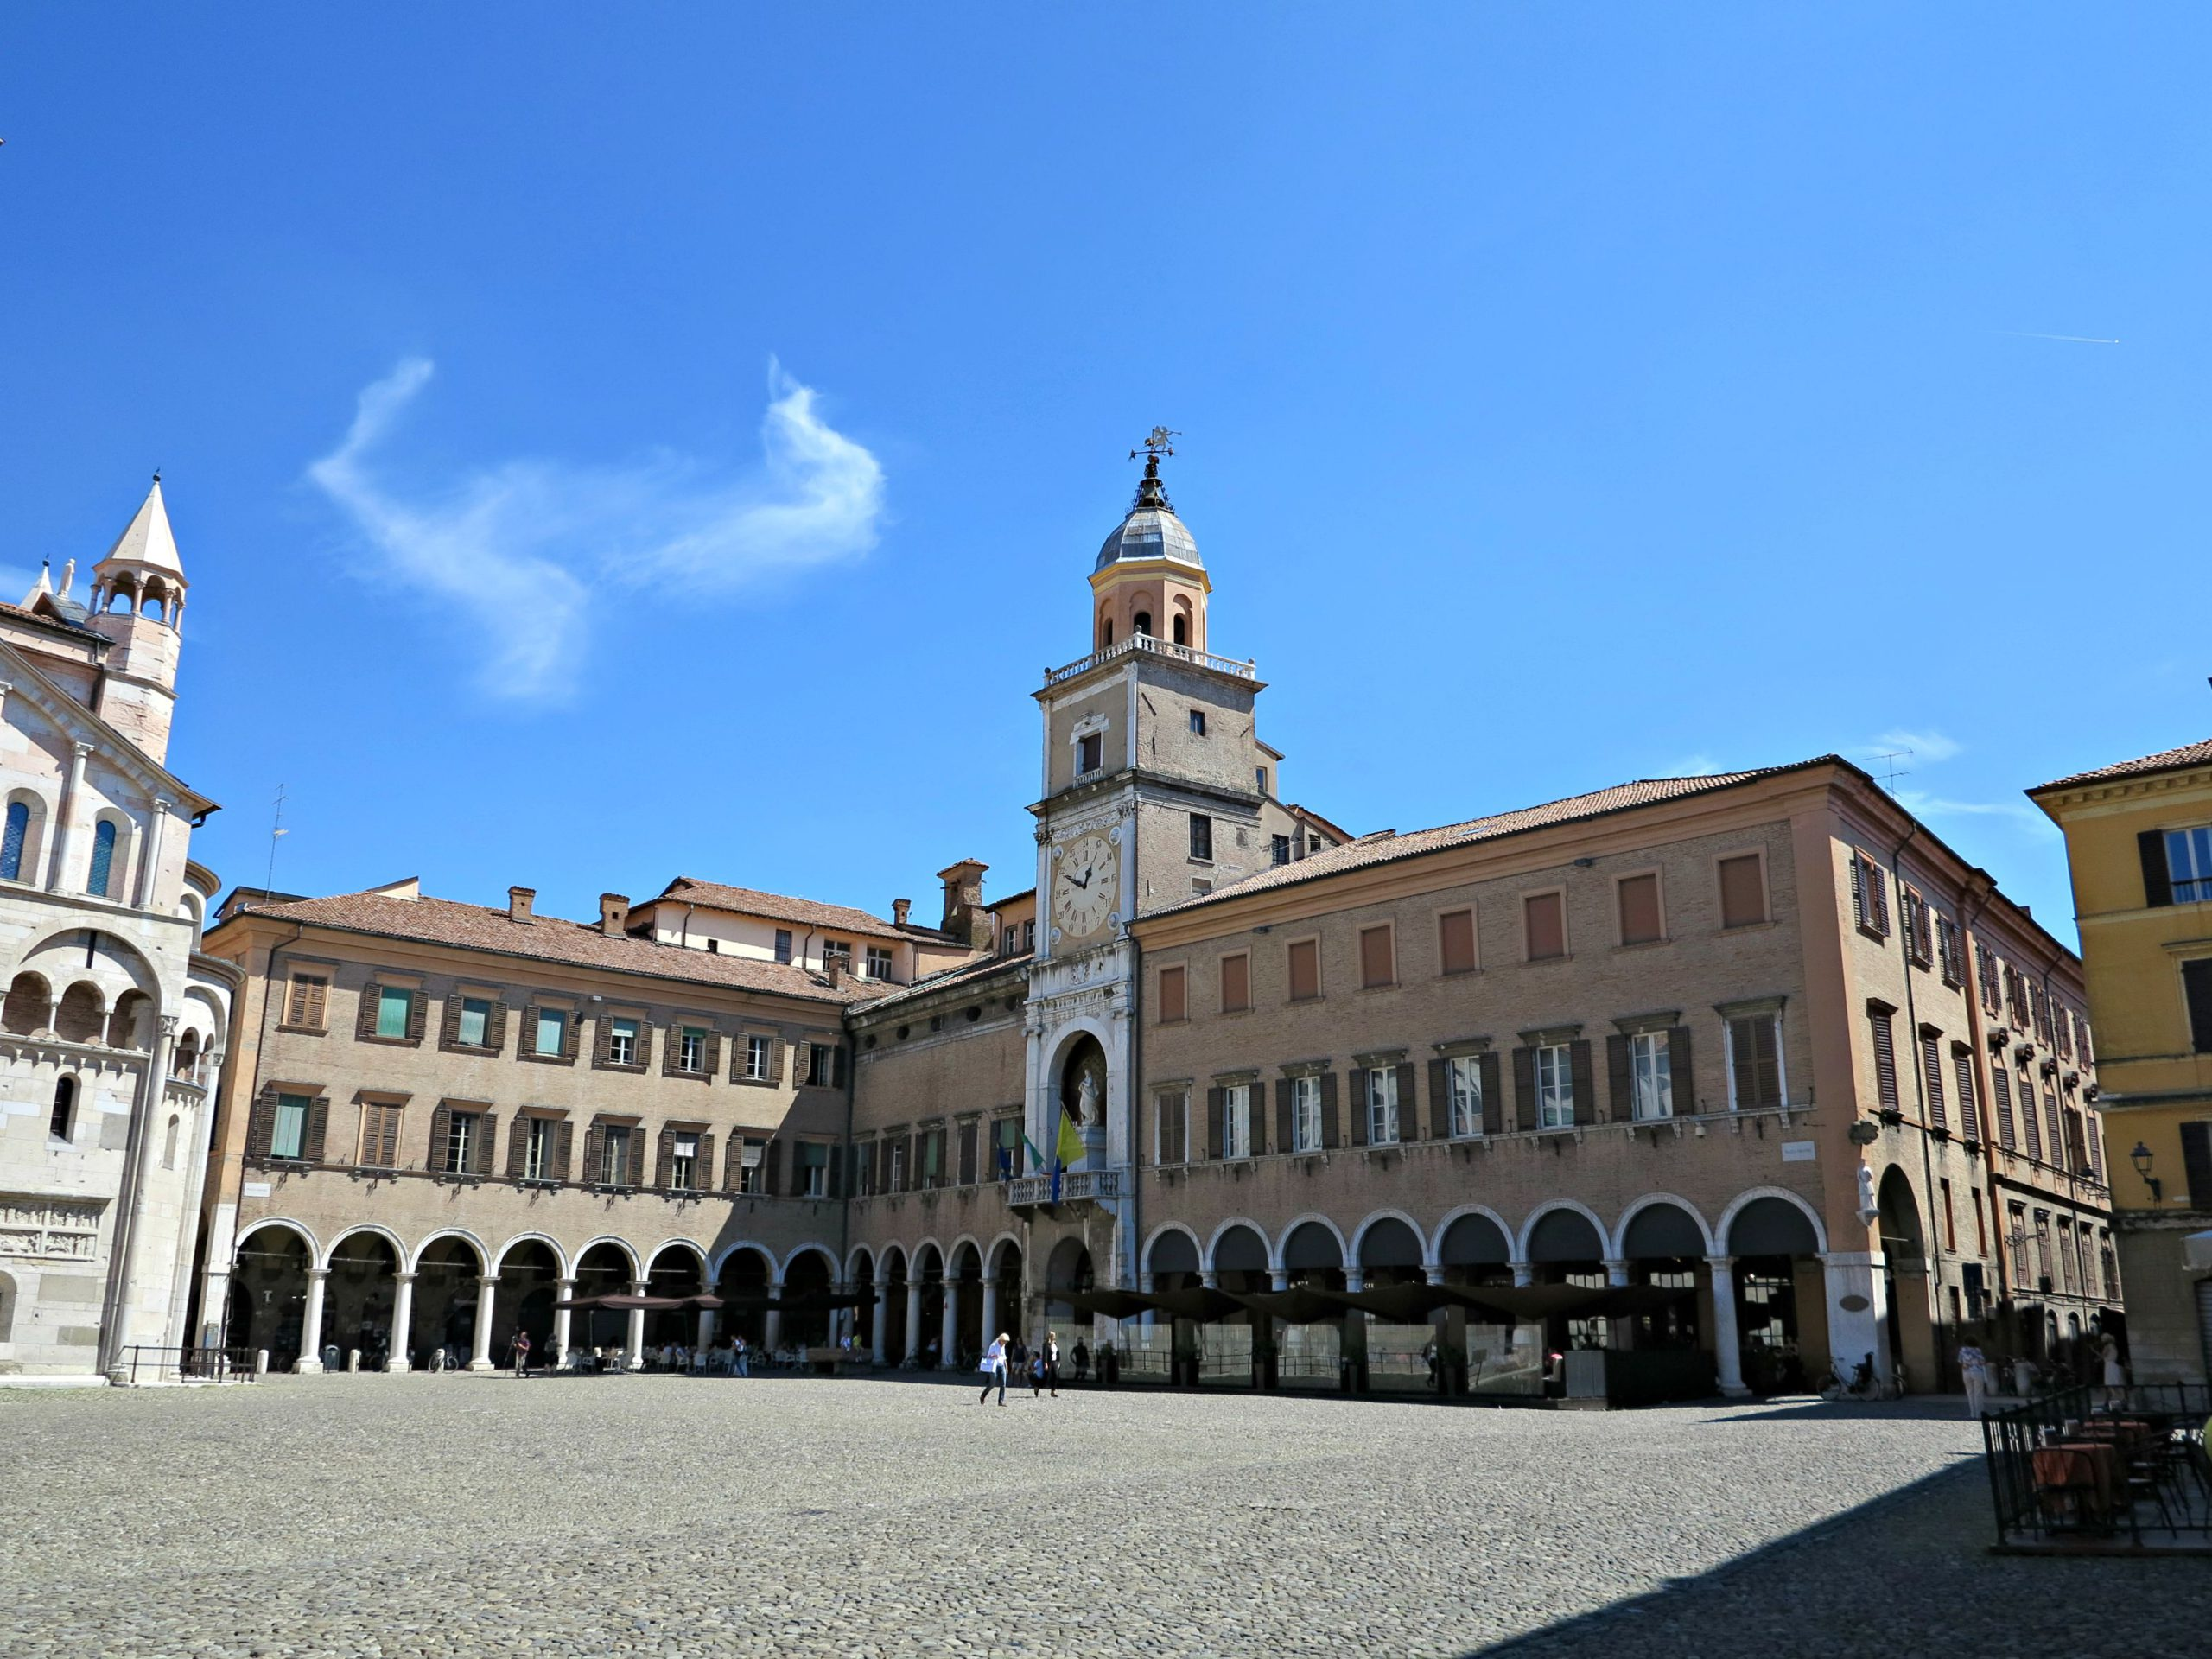 [ParlamiditER] Modena, un racconto nella storia